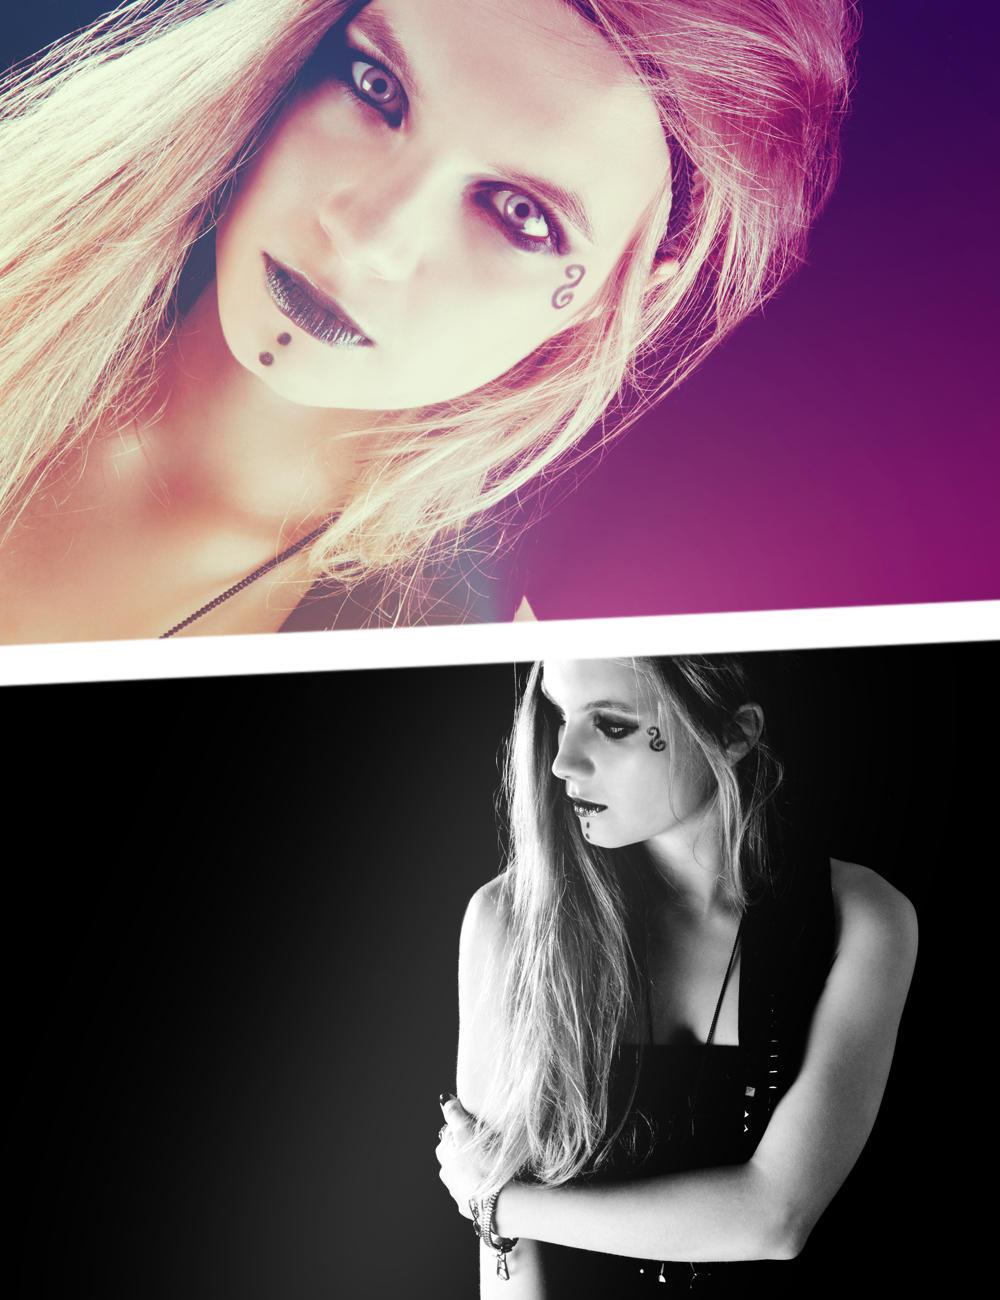 Just Dark 2 by Ransie3